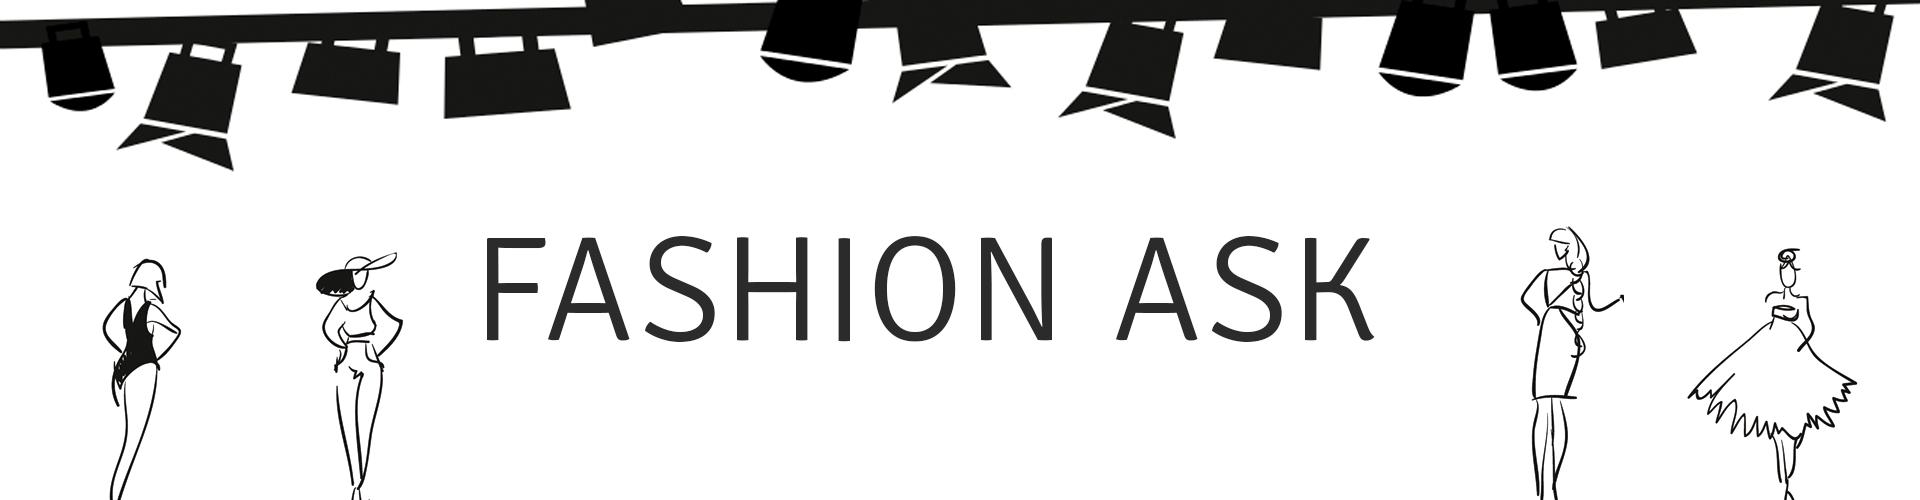 Fashion Ask